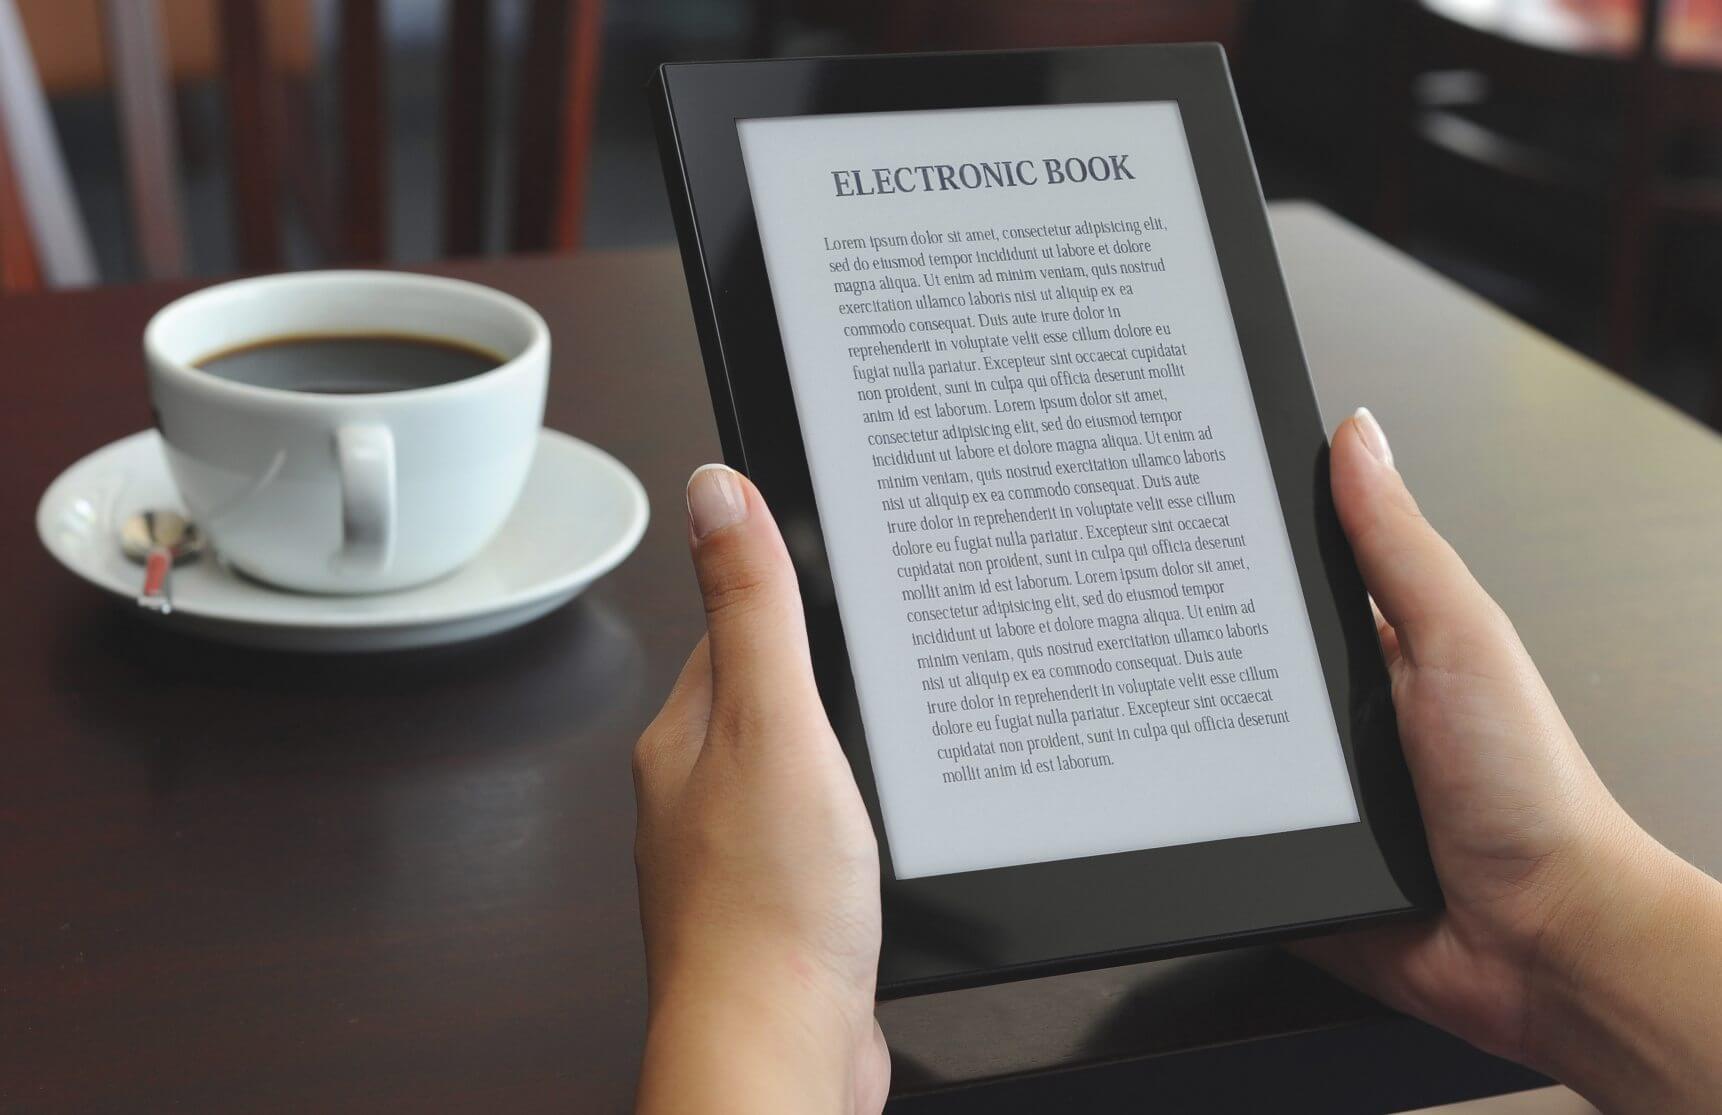 free ebook image - Livros eletrônicos e e-readers devem ficar mais baratos após decisão do STF